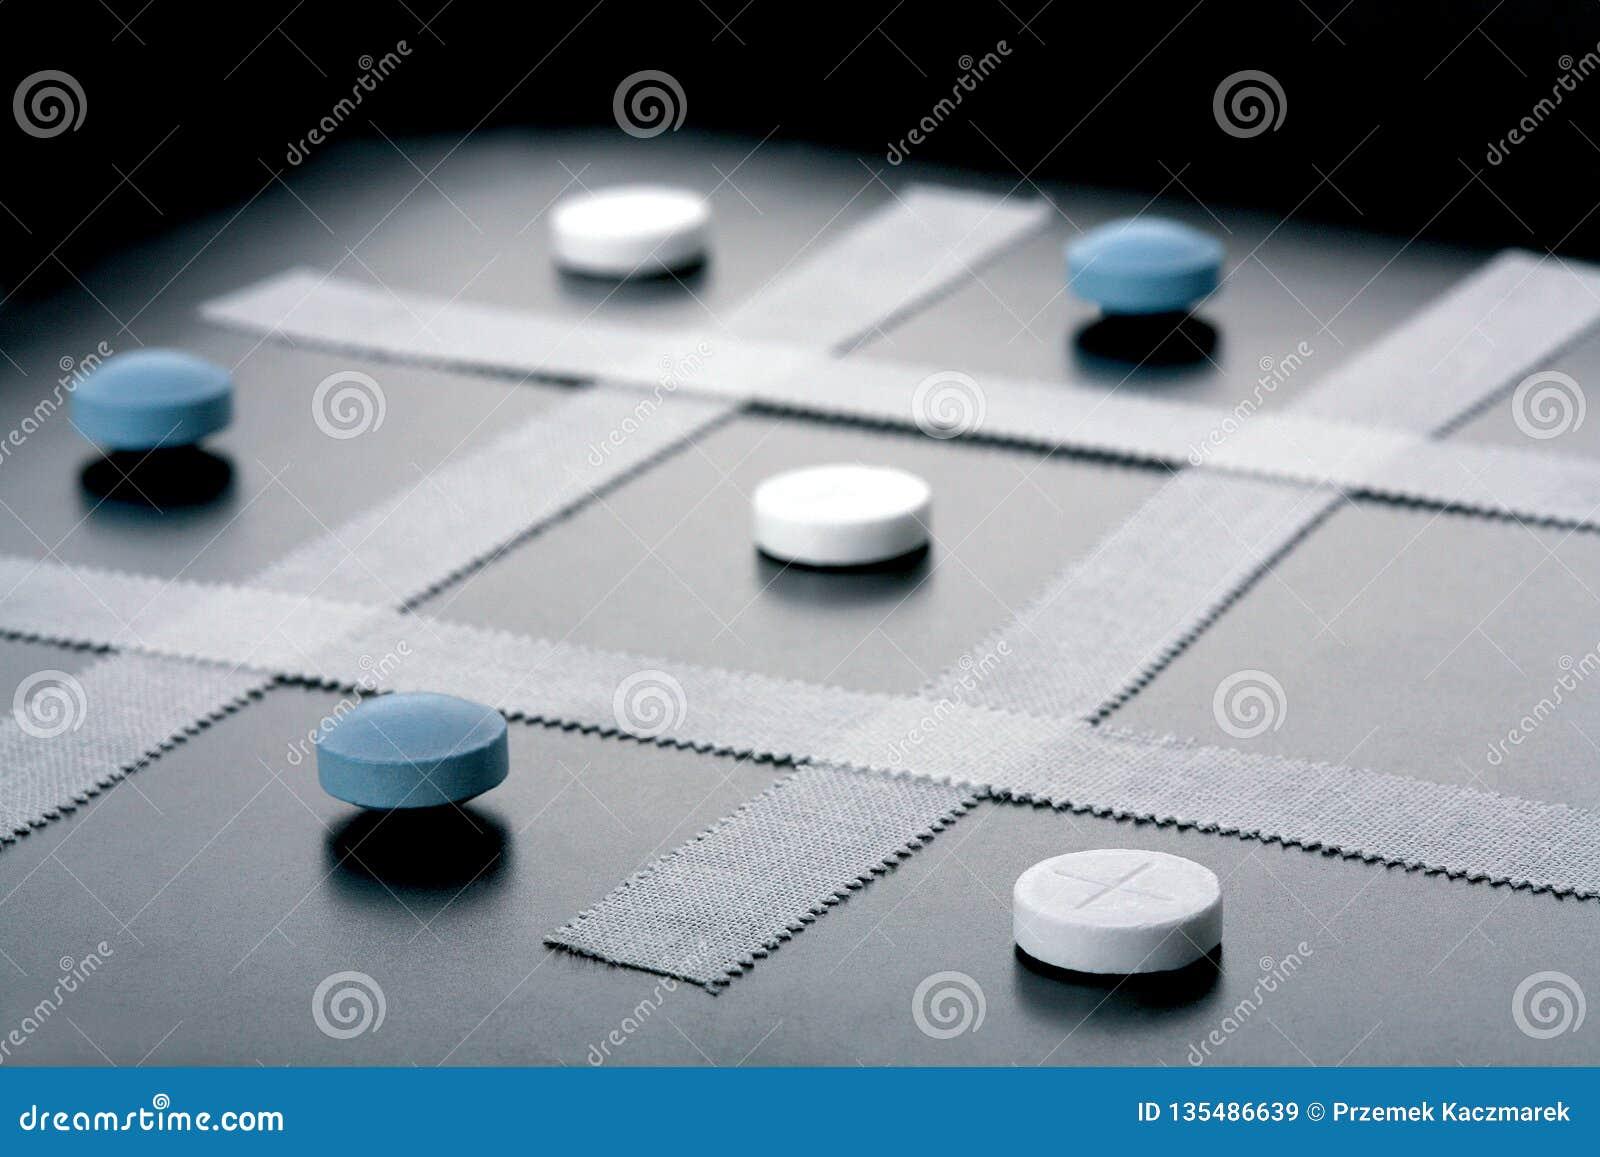 Toe TAC σπασμού, ιατρικό παιχνίδι